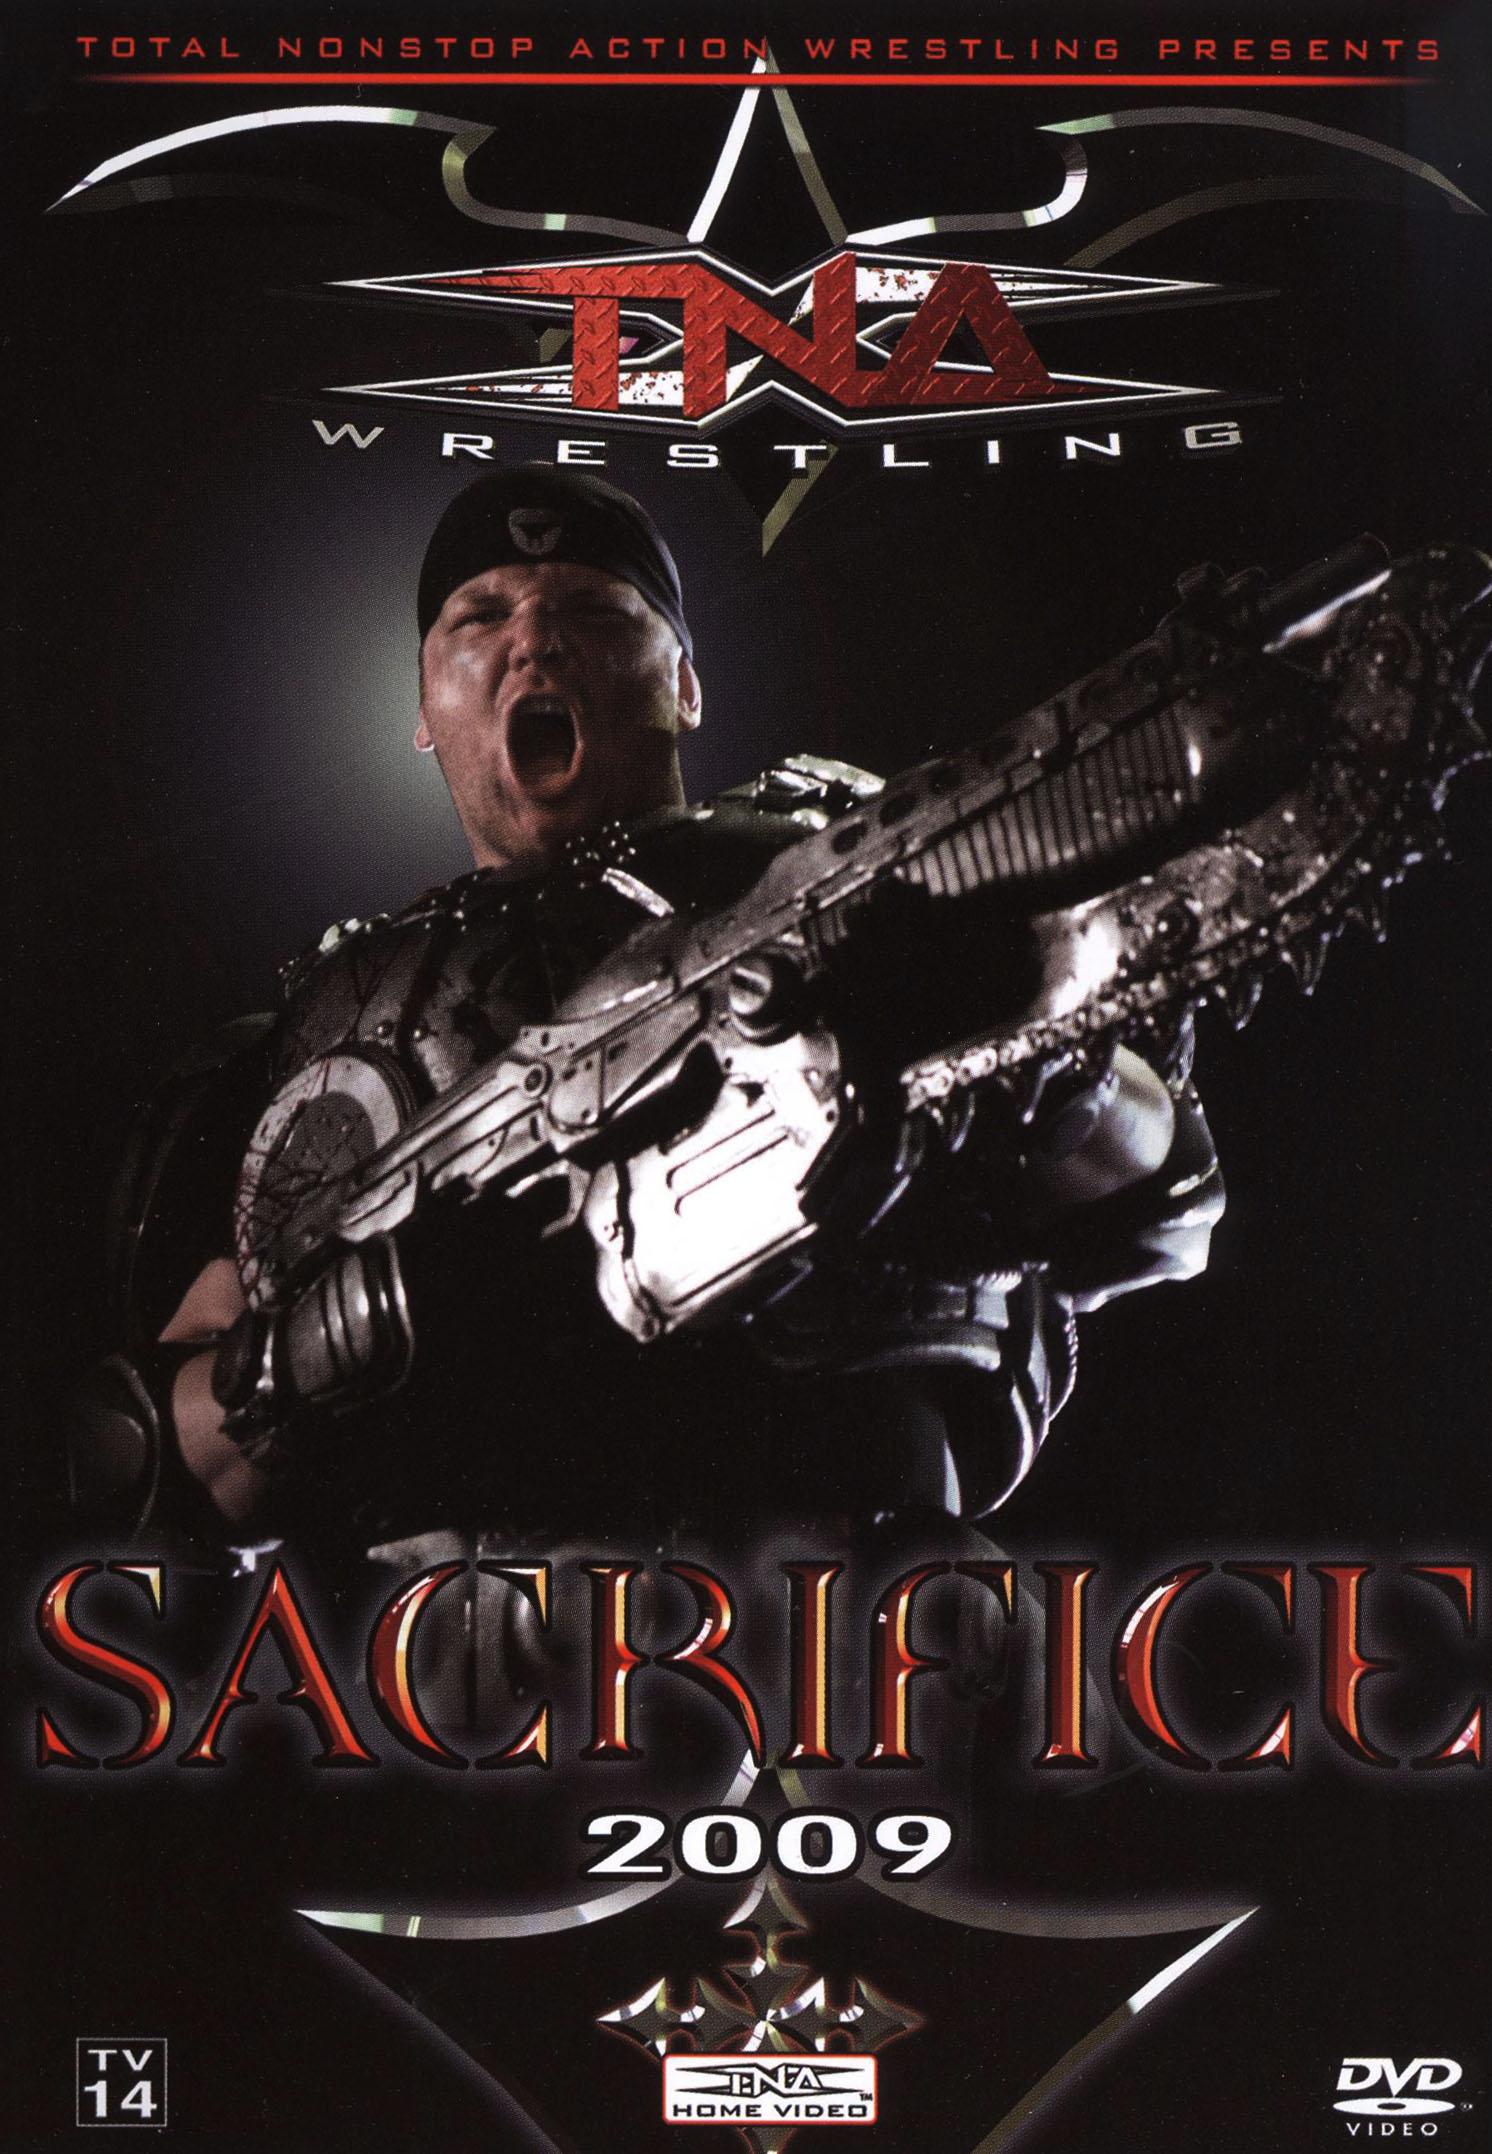 TNA Wrestling: Sacrifice 2009 (2009)